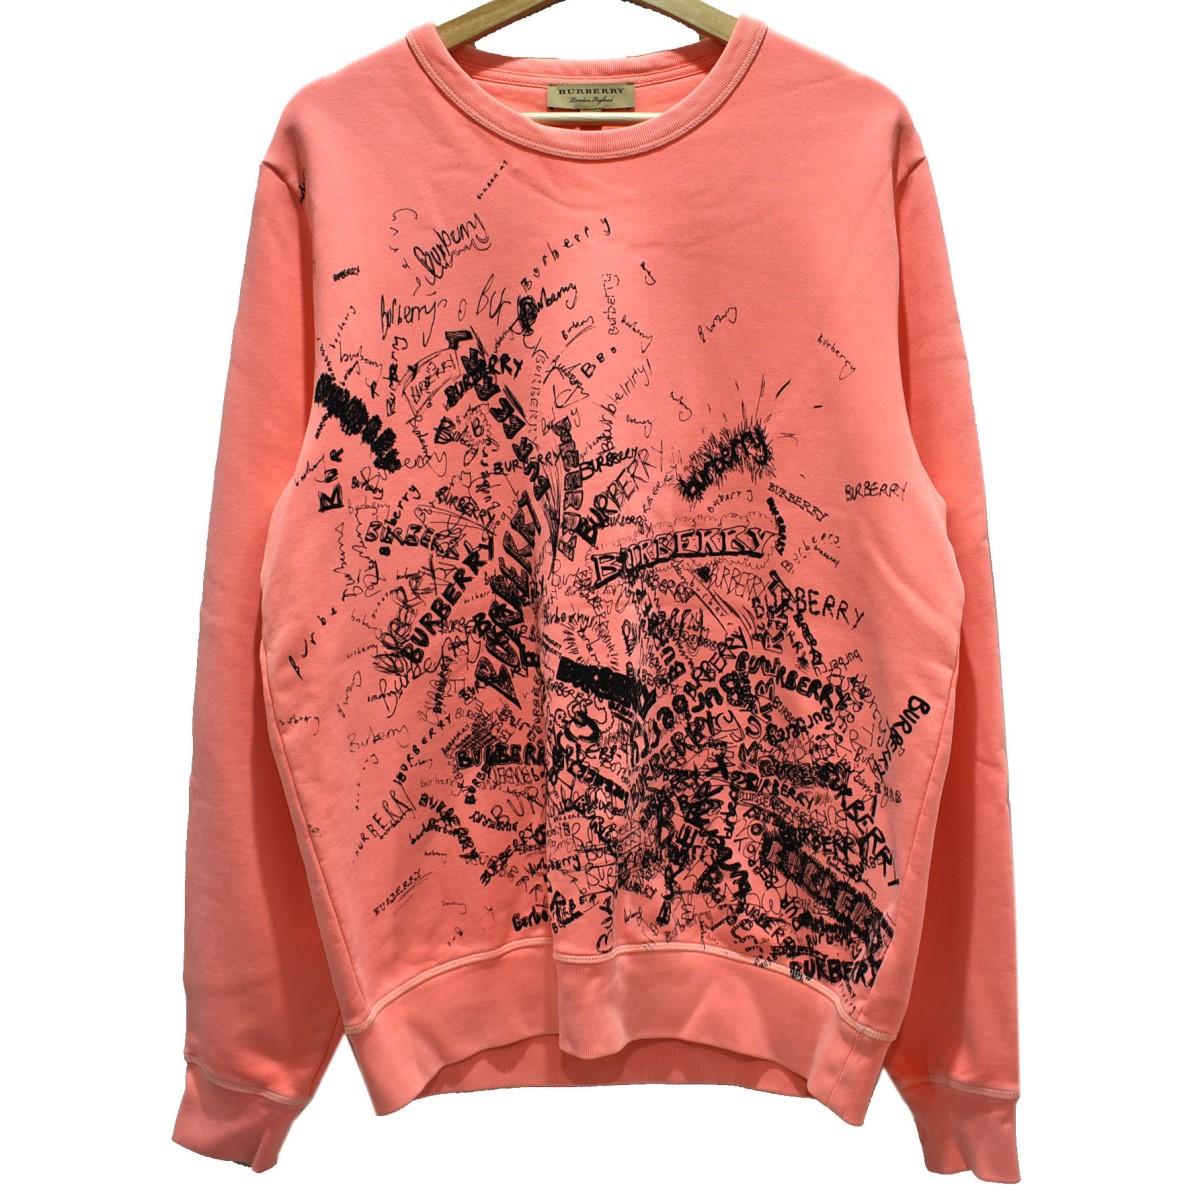 【中古】BURBERRY Rennie Graphic Crewneck Sweatshirt ピンク サイズ:M 【240320】(バーバリー)